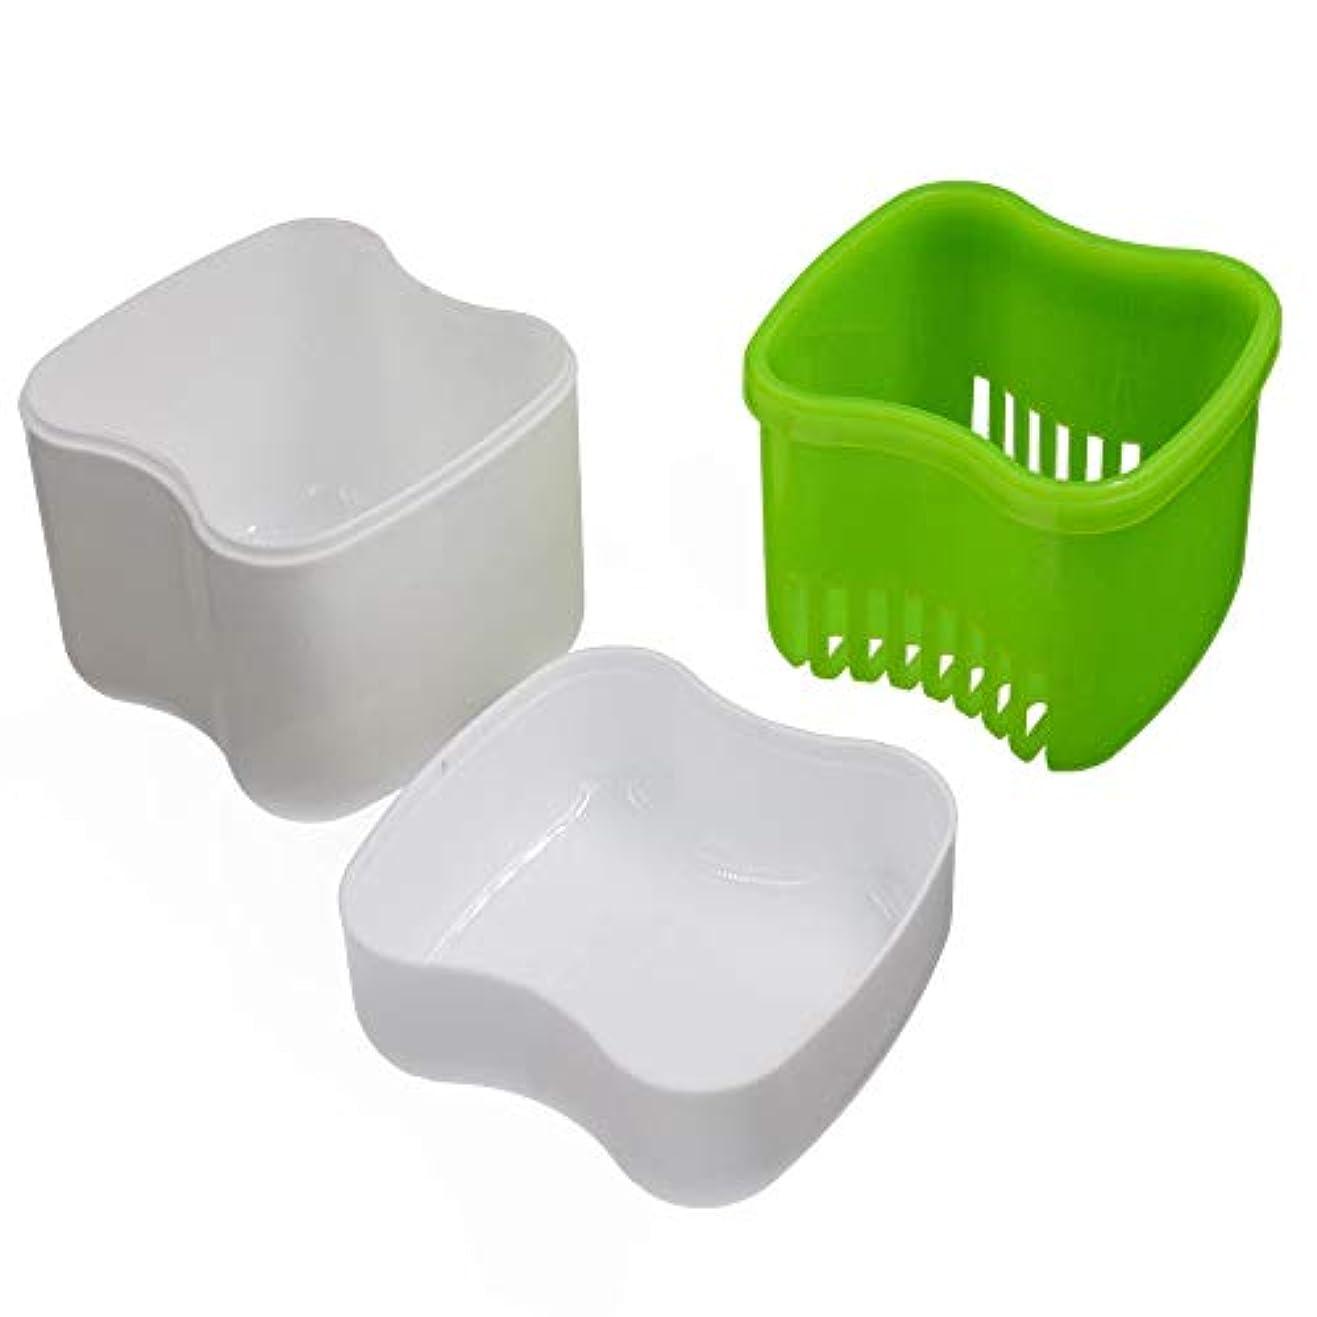 乳剤対人バッフルLazayyii 義歯 歯箱 ヨーロッパ バスボックスケース歯科偽歯収納容器すすぎバスケット (グリーン)